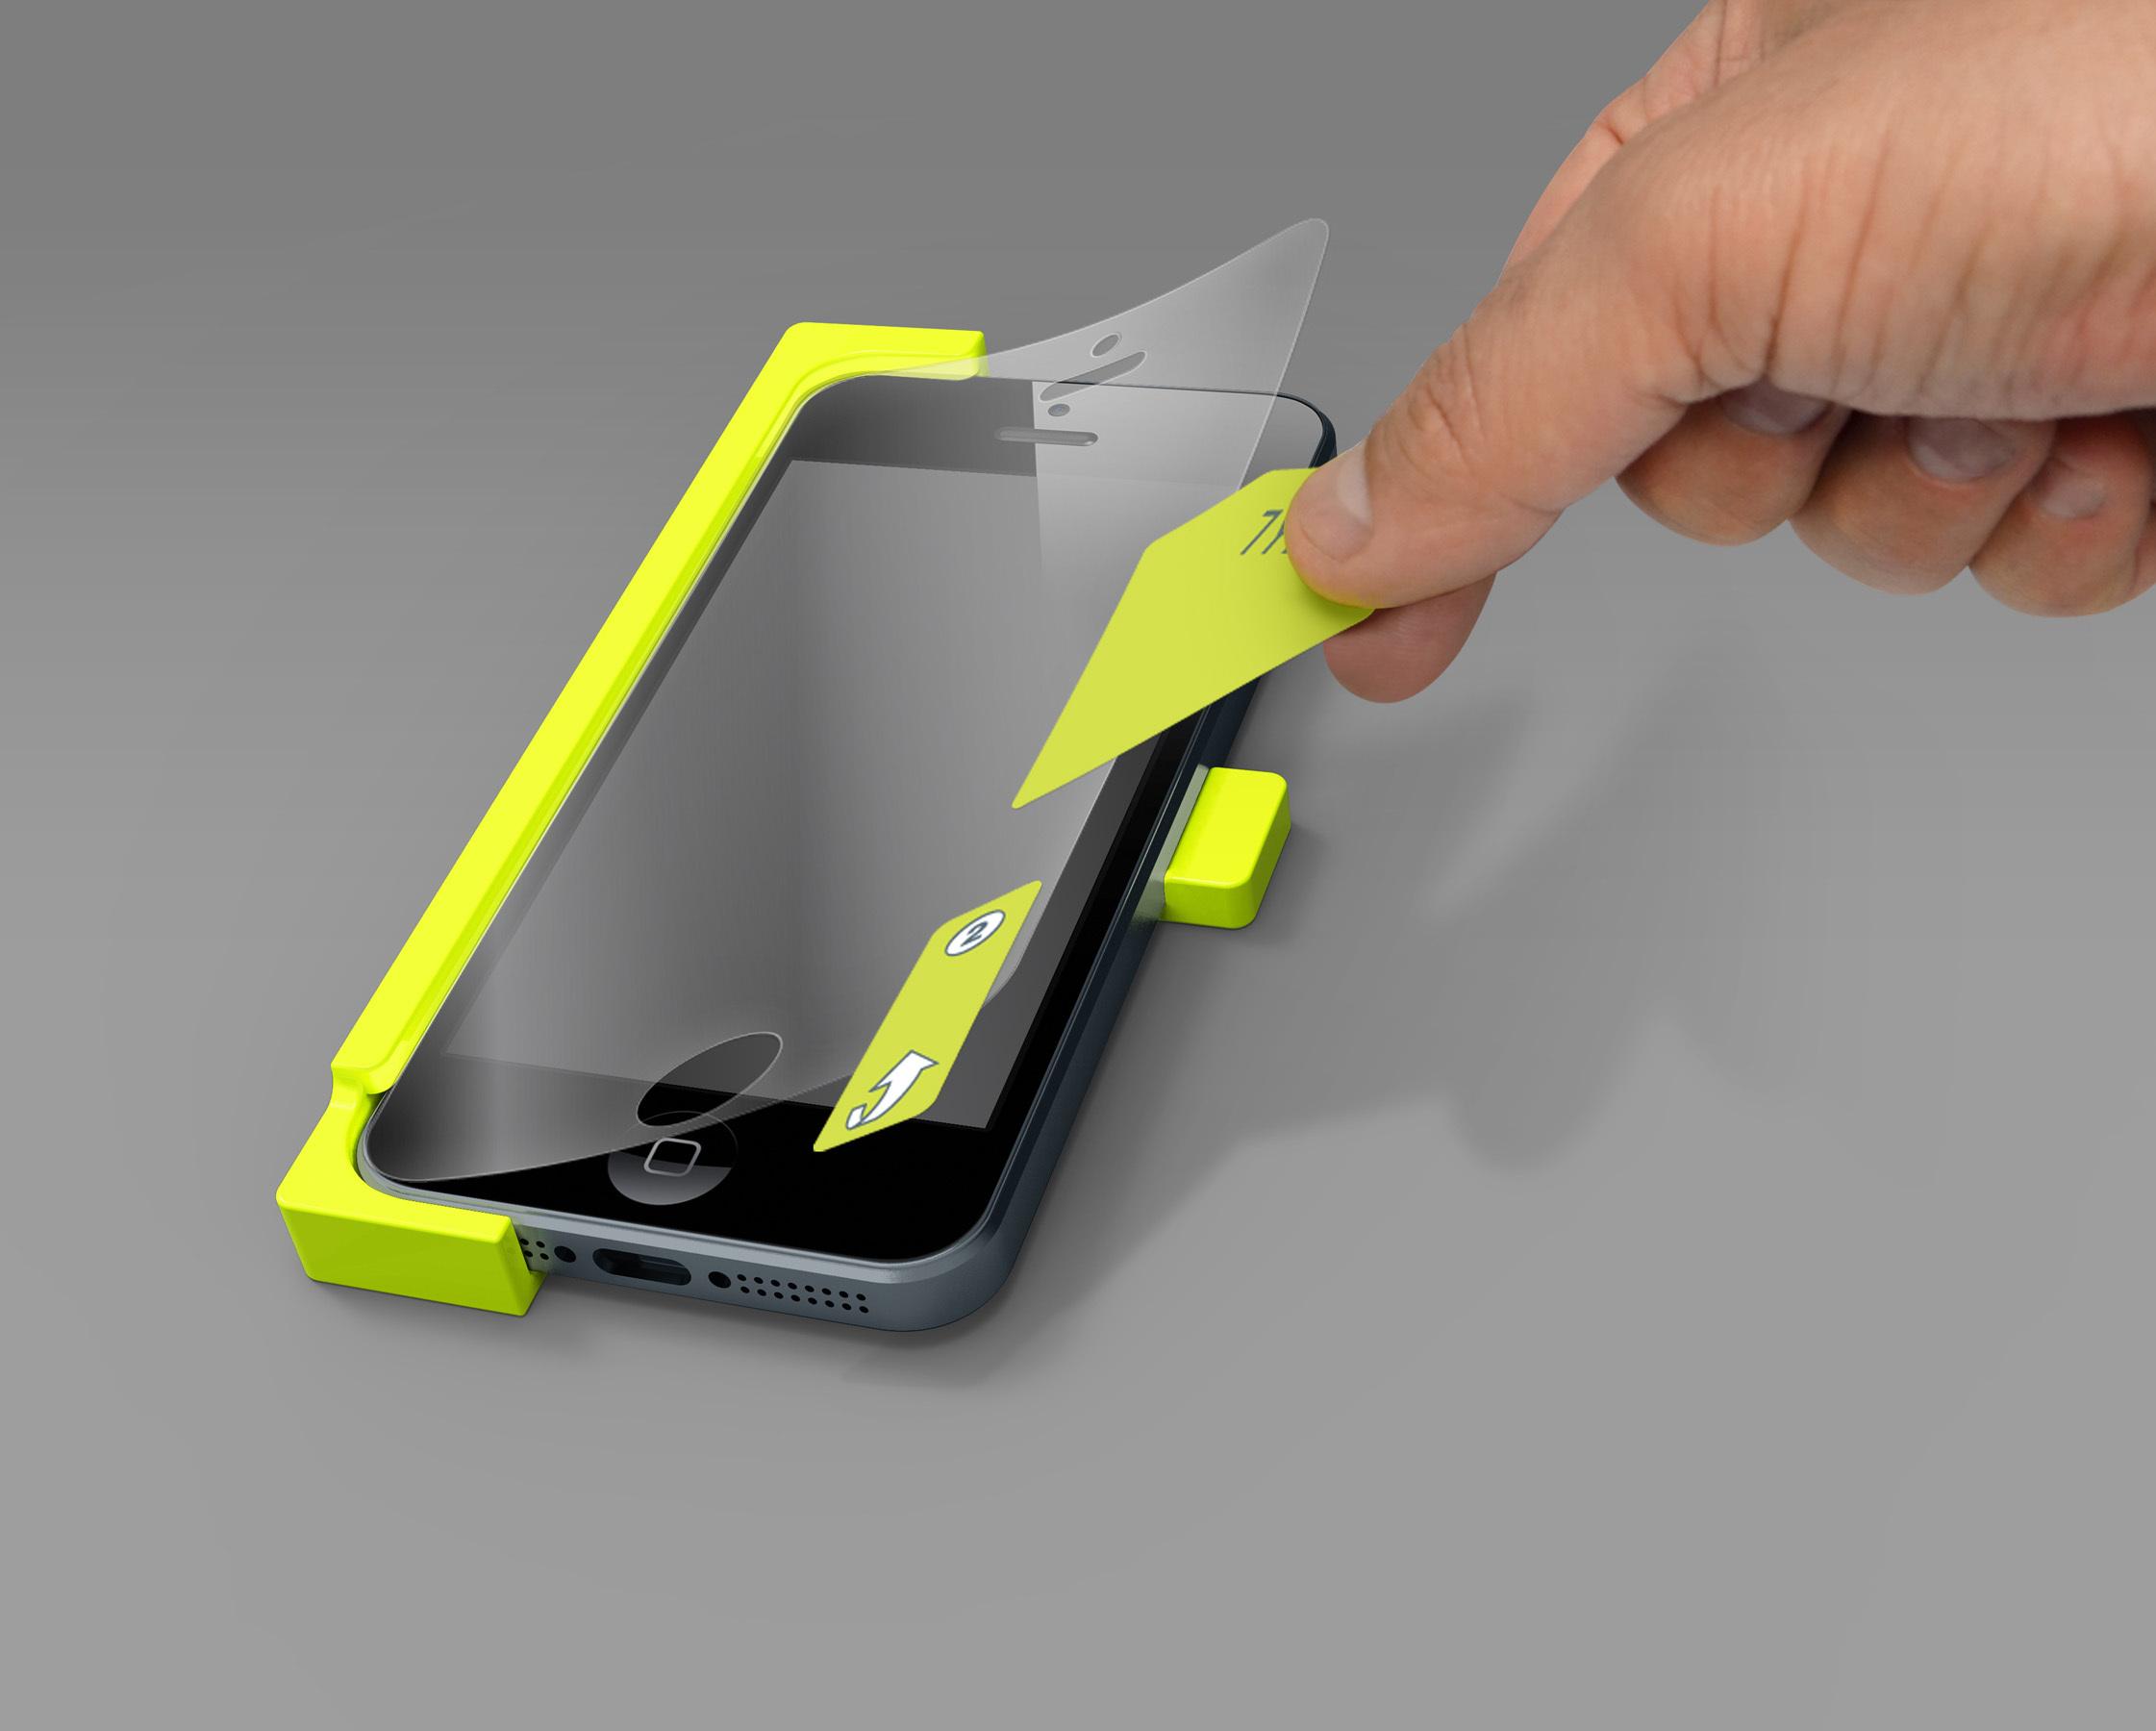 Как наклеить на смартфон защитное стекло - Лайфхакер